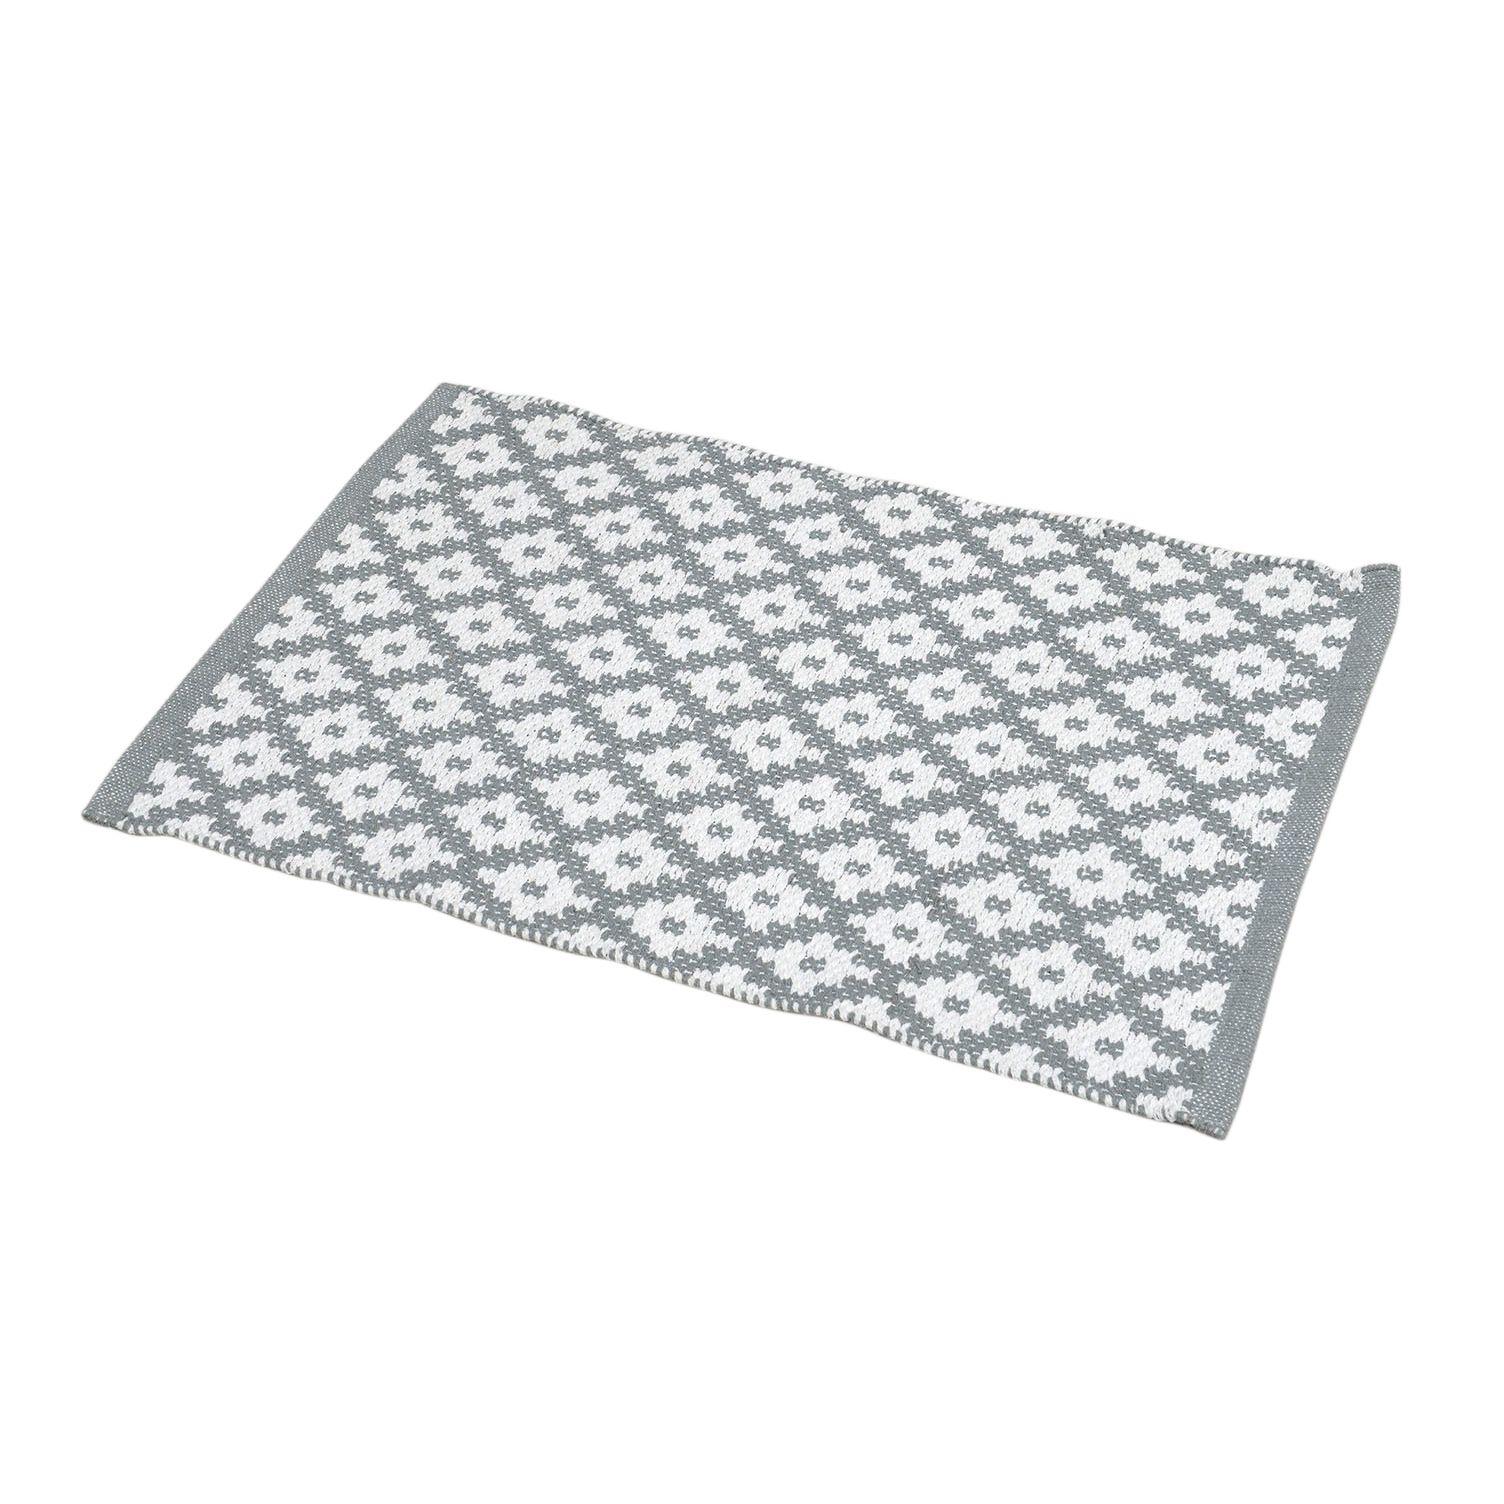 tapis de bain ponge imprim losanges blanc et gris tapis salle de bain eminza. Black Bedroom Furniture Sets. Home Design Ideas